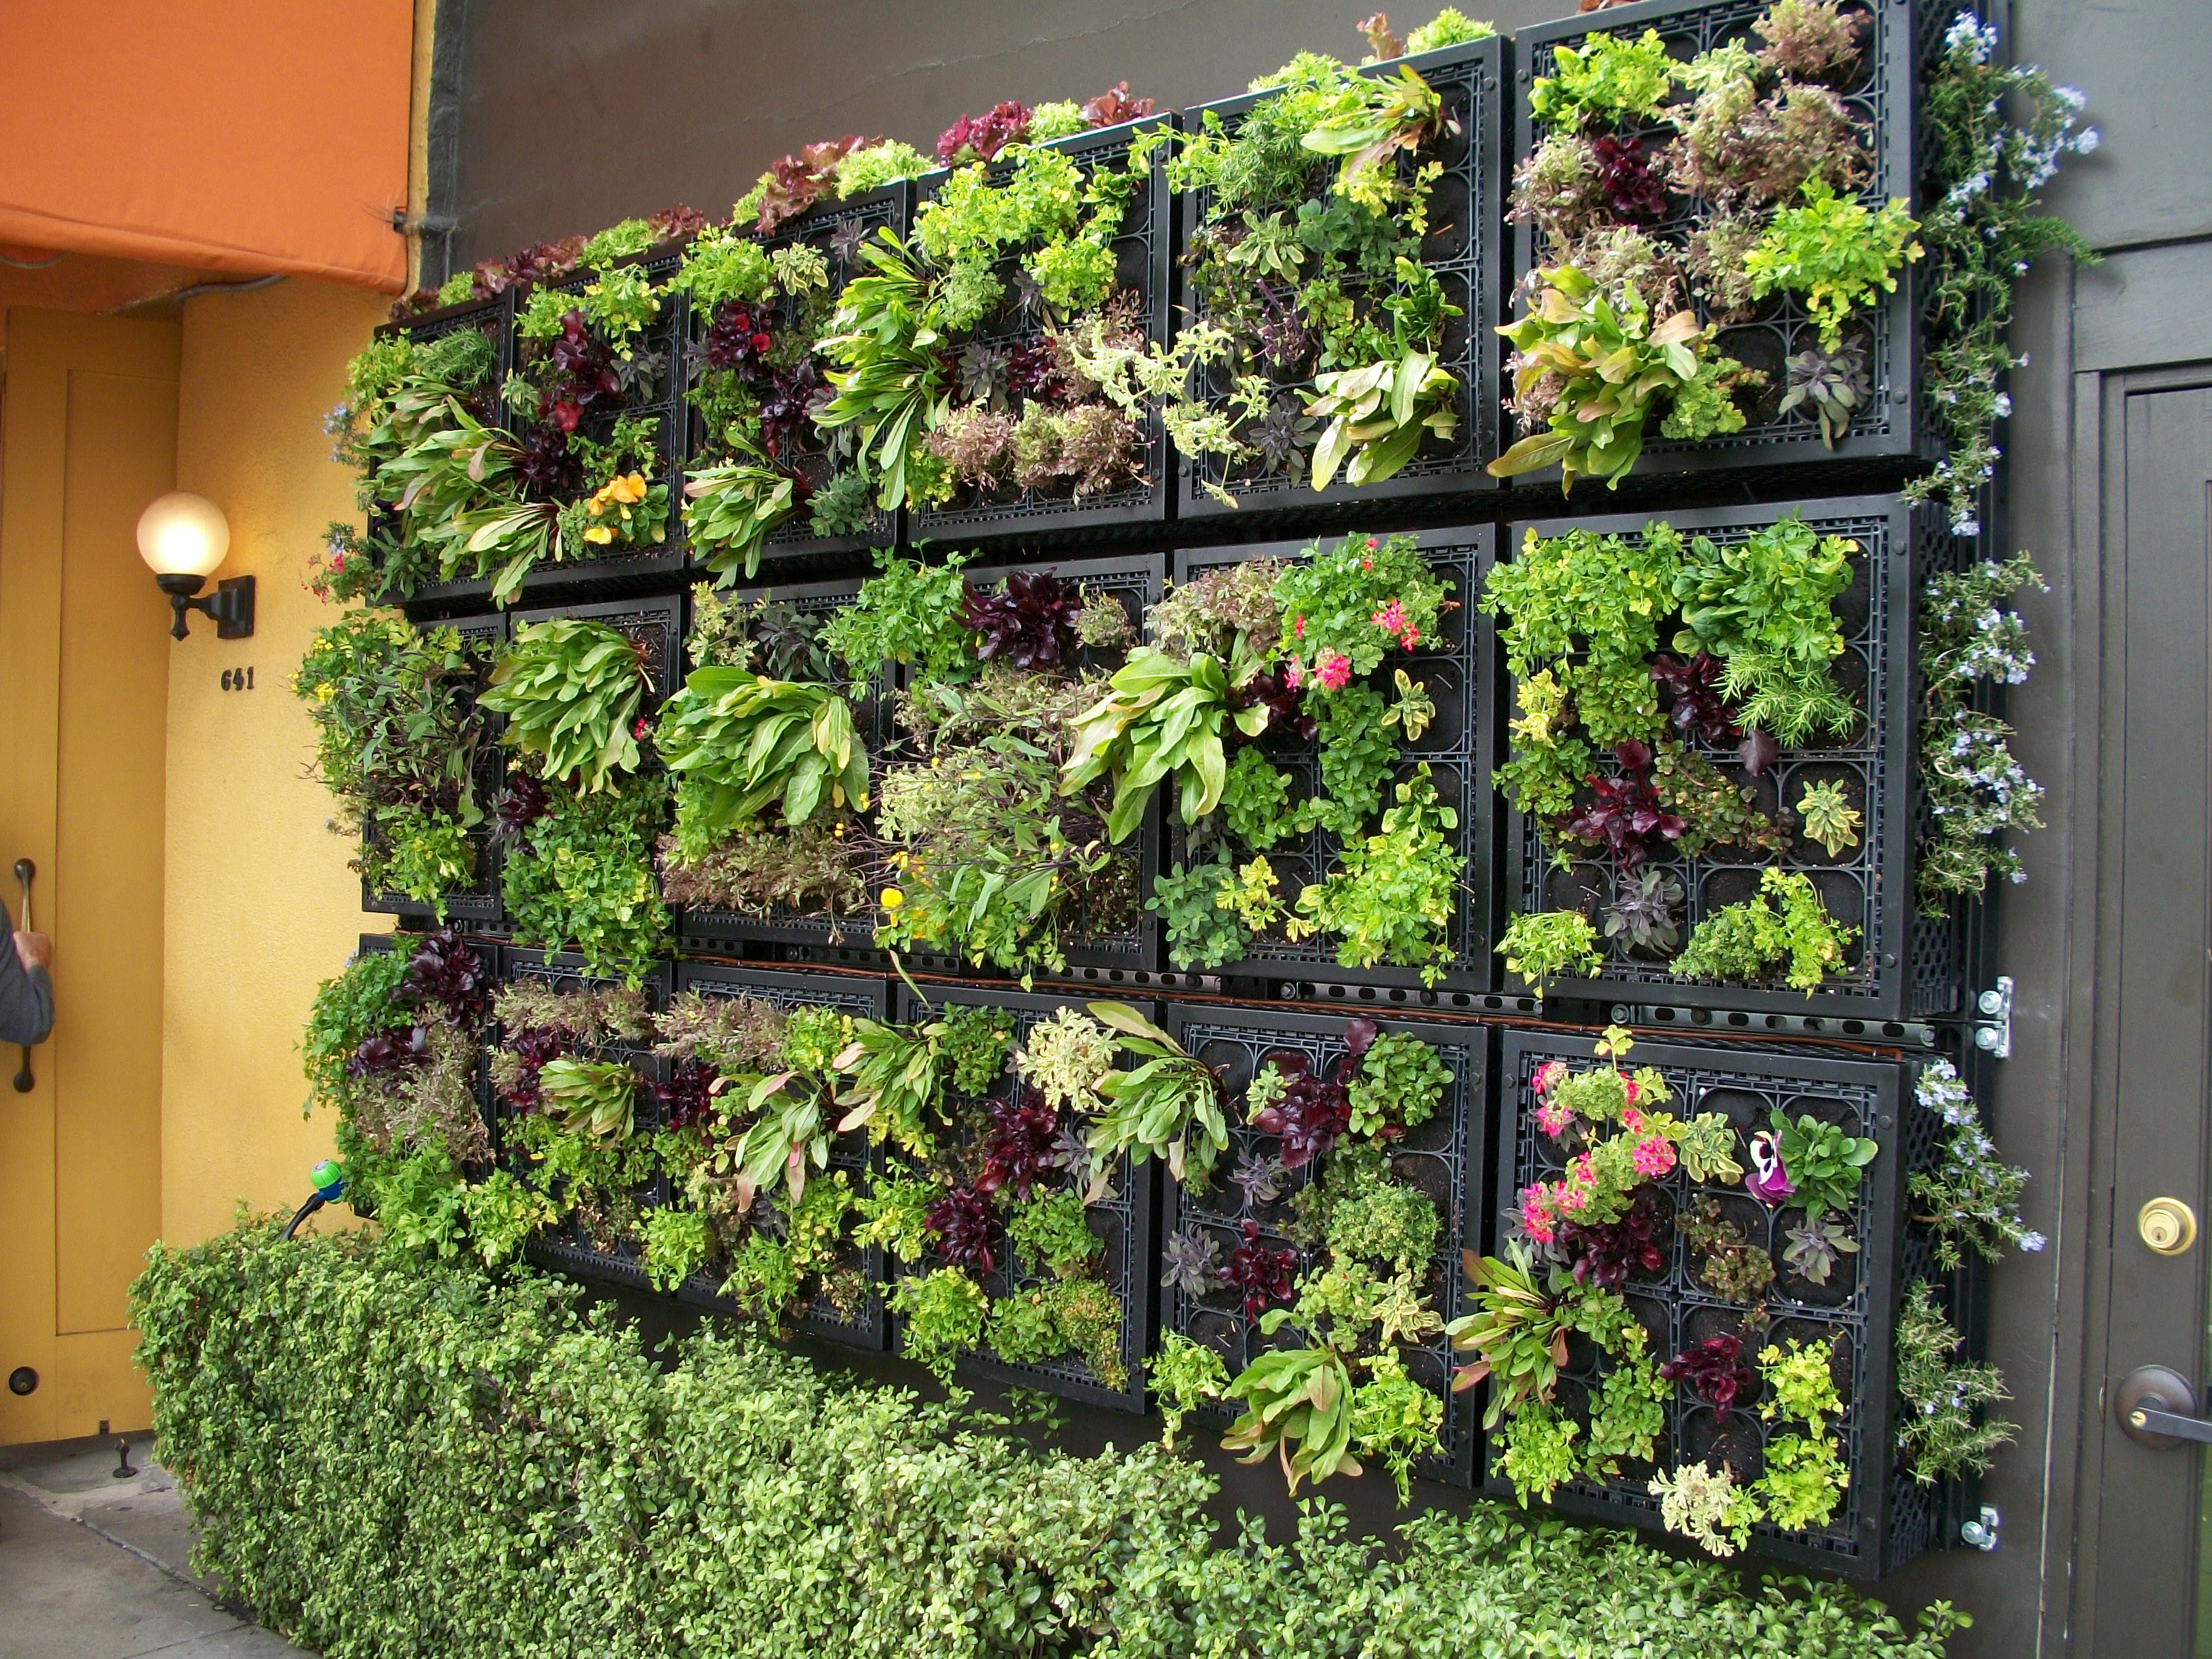 Vertical Vegetable Garden Design - Plastic crate green wall